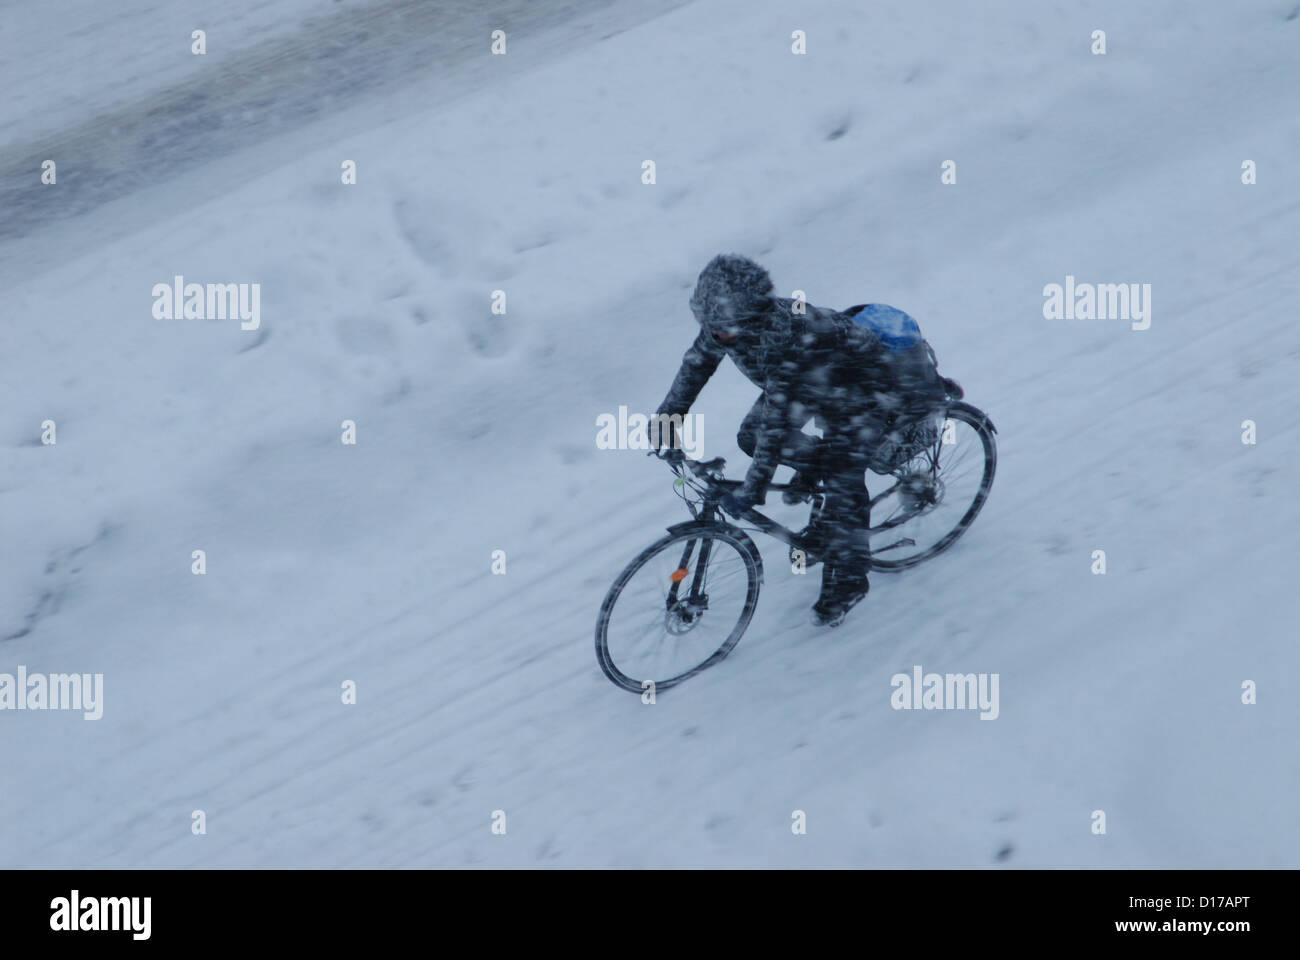 Kaltem Wetter Biken. Stockbild